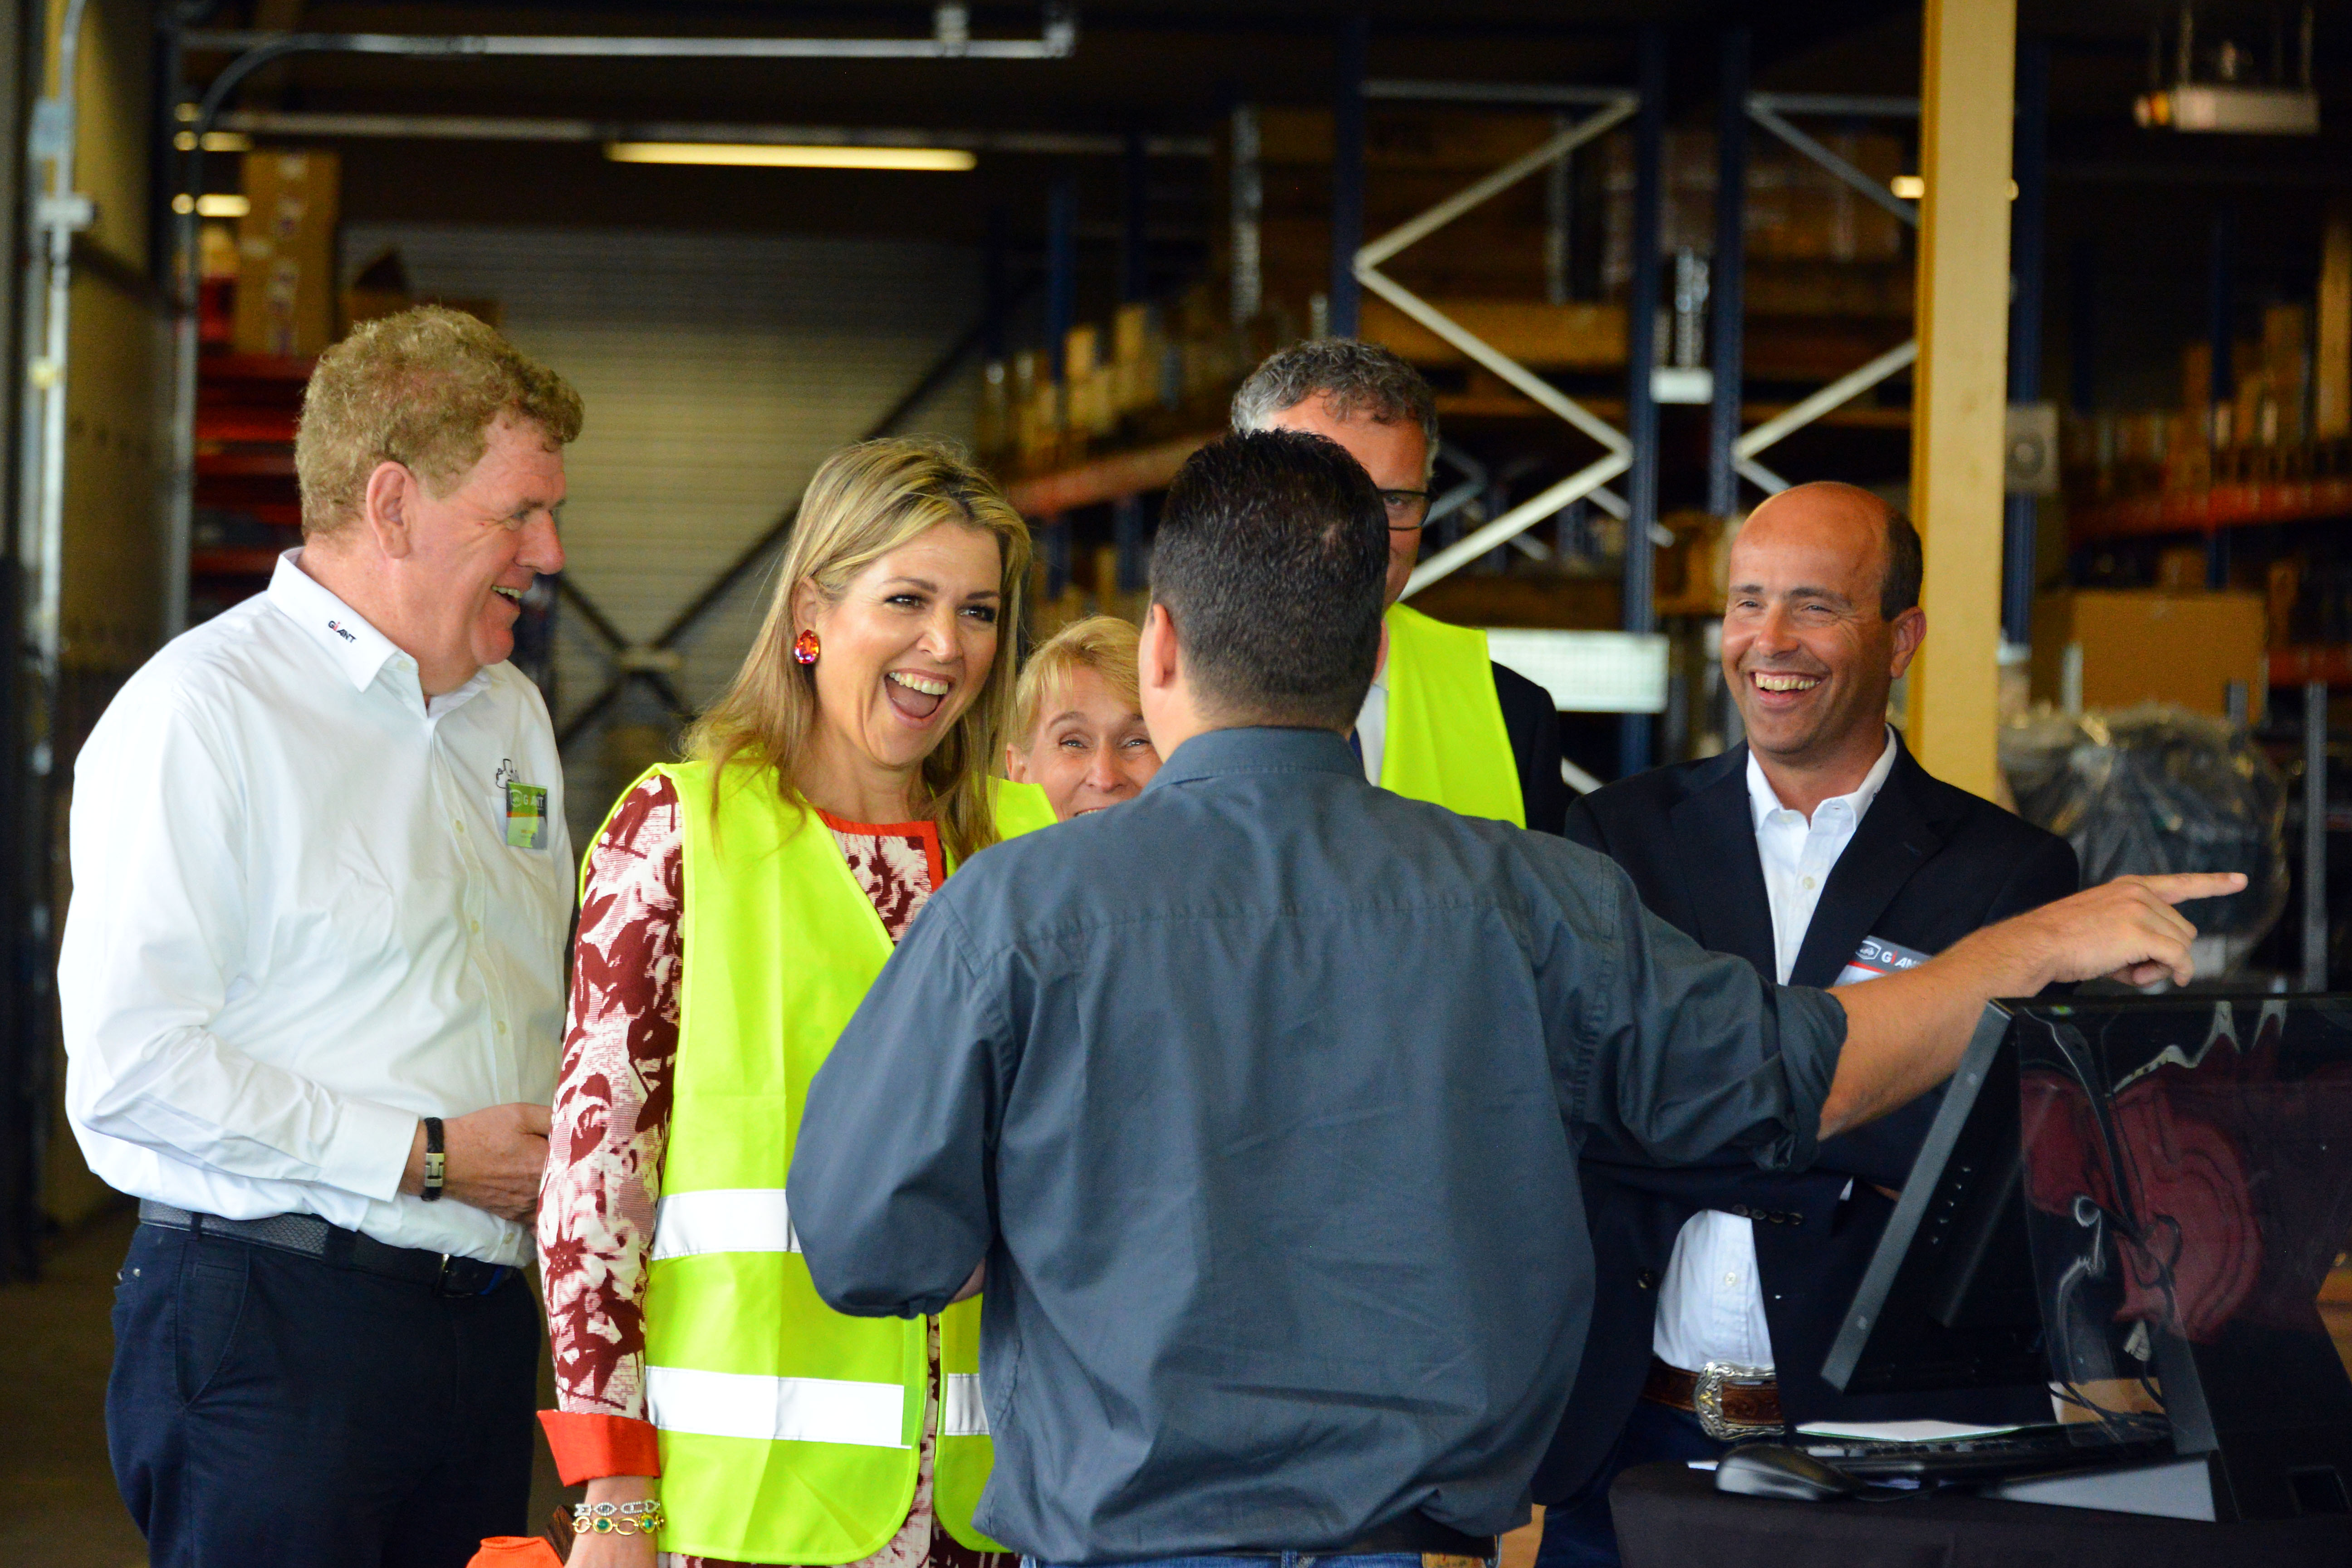 <p>Tobroco-directeur Toine Brock (rechts) leidt een enthousiaste koning Maximá rond langs de productielijn.</p>